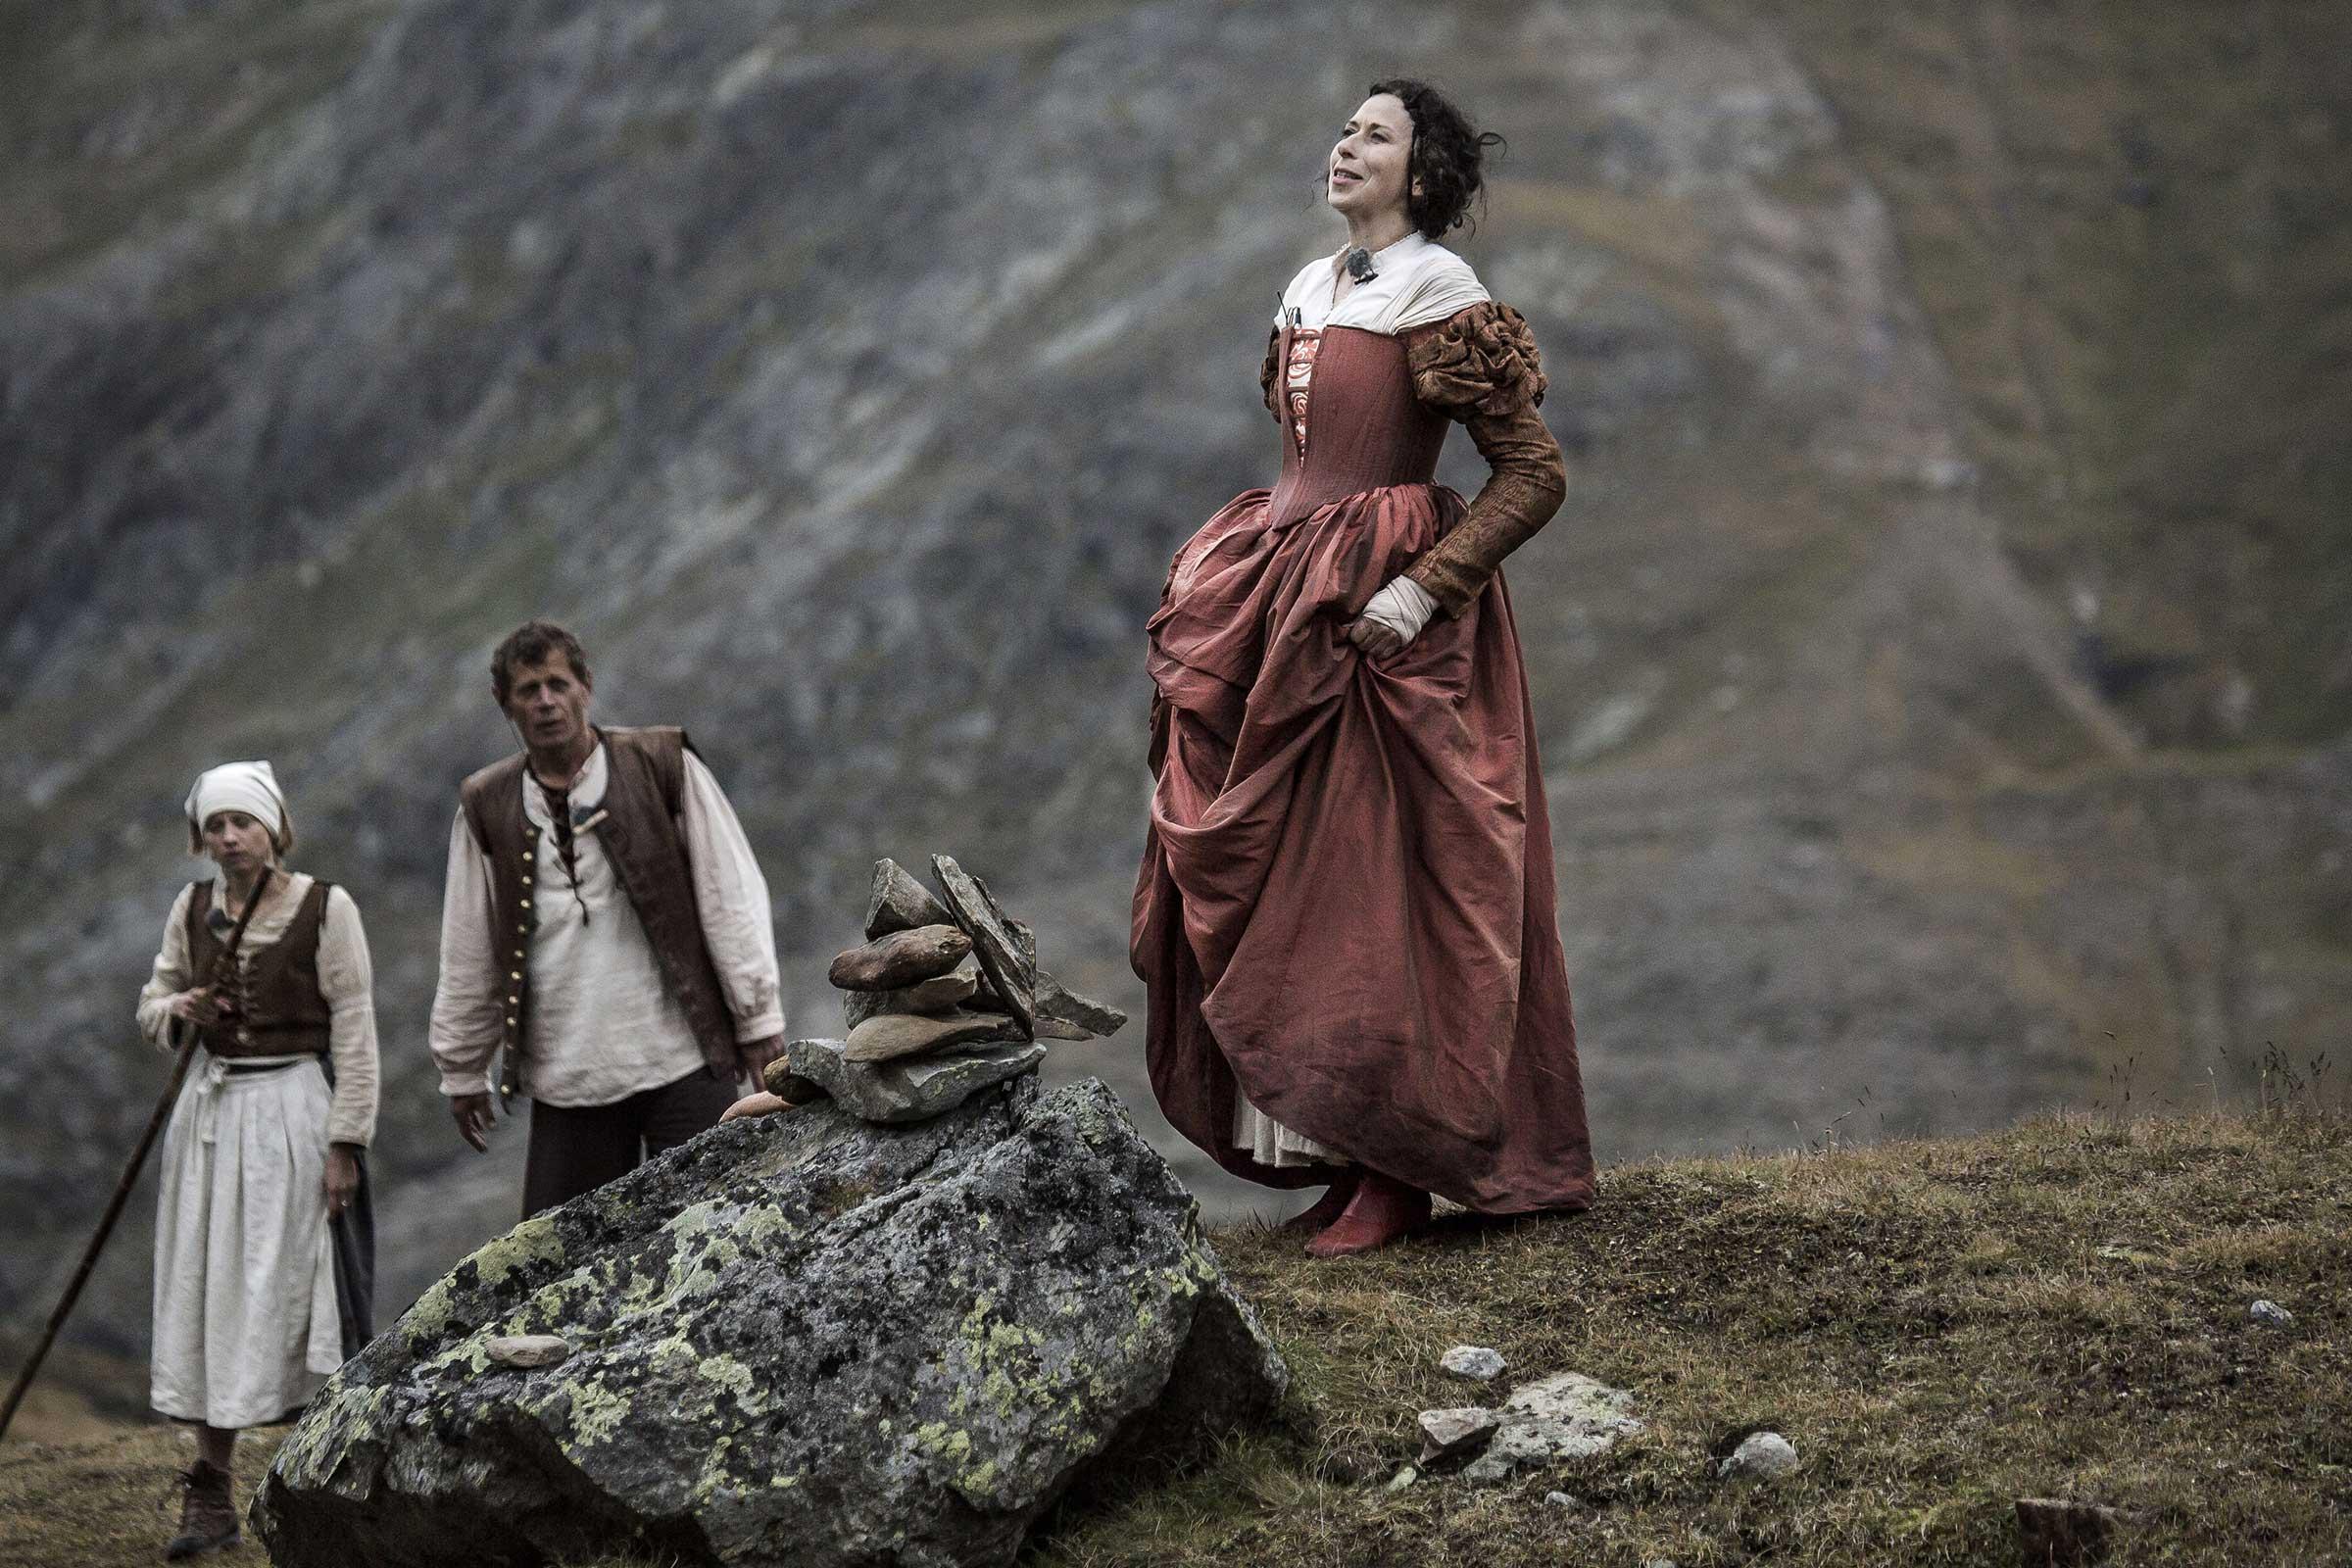 Schauspieler während Szene - Wandertheater Friedl mit der leeren Tasche